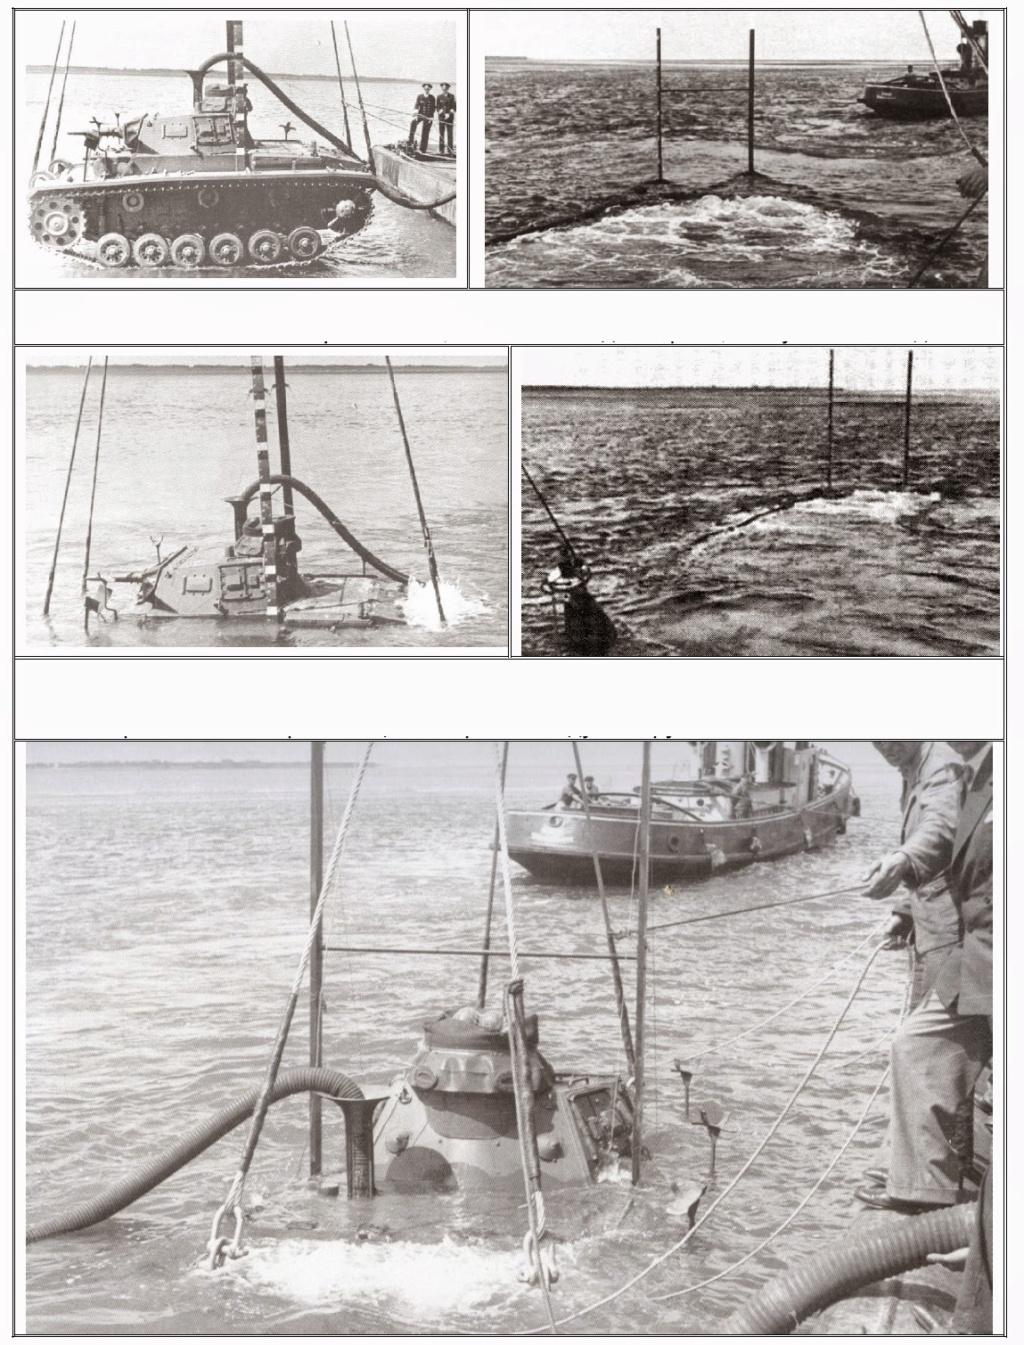 Diverses photos de la WWII (fichier 7) - Page 3 Gfghfy10